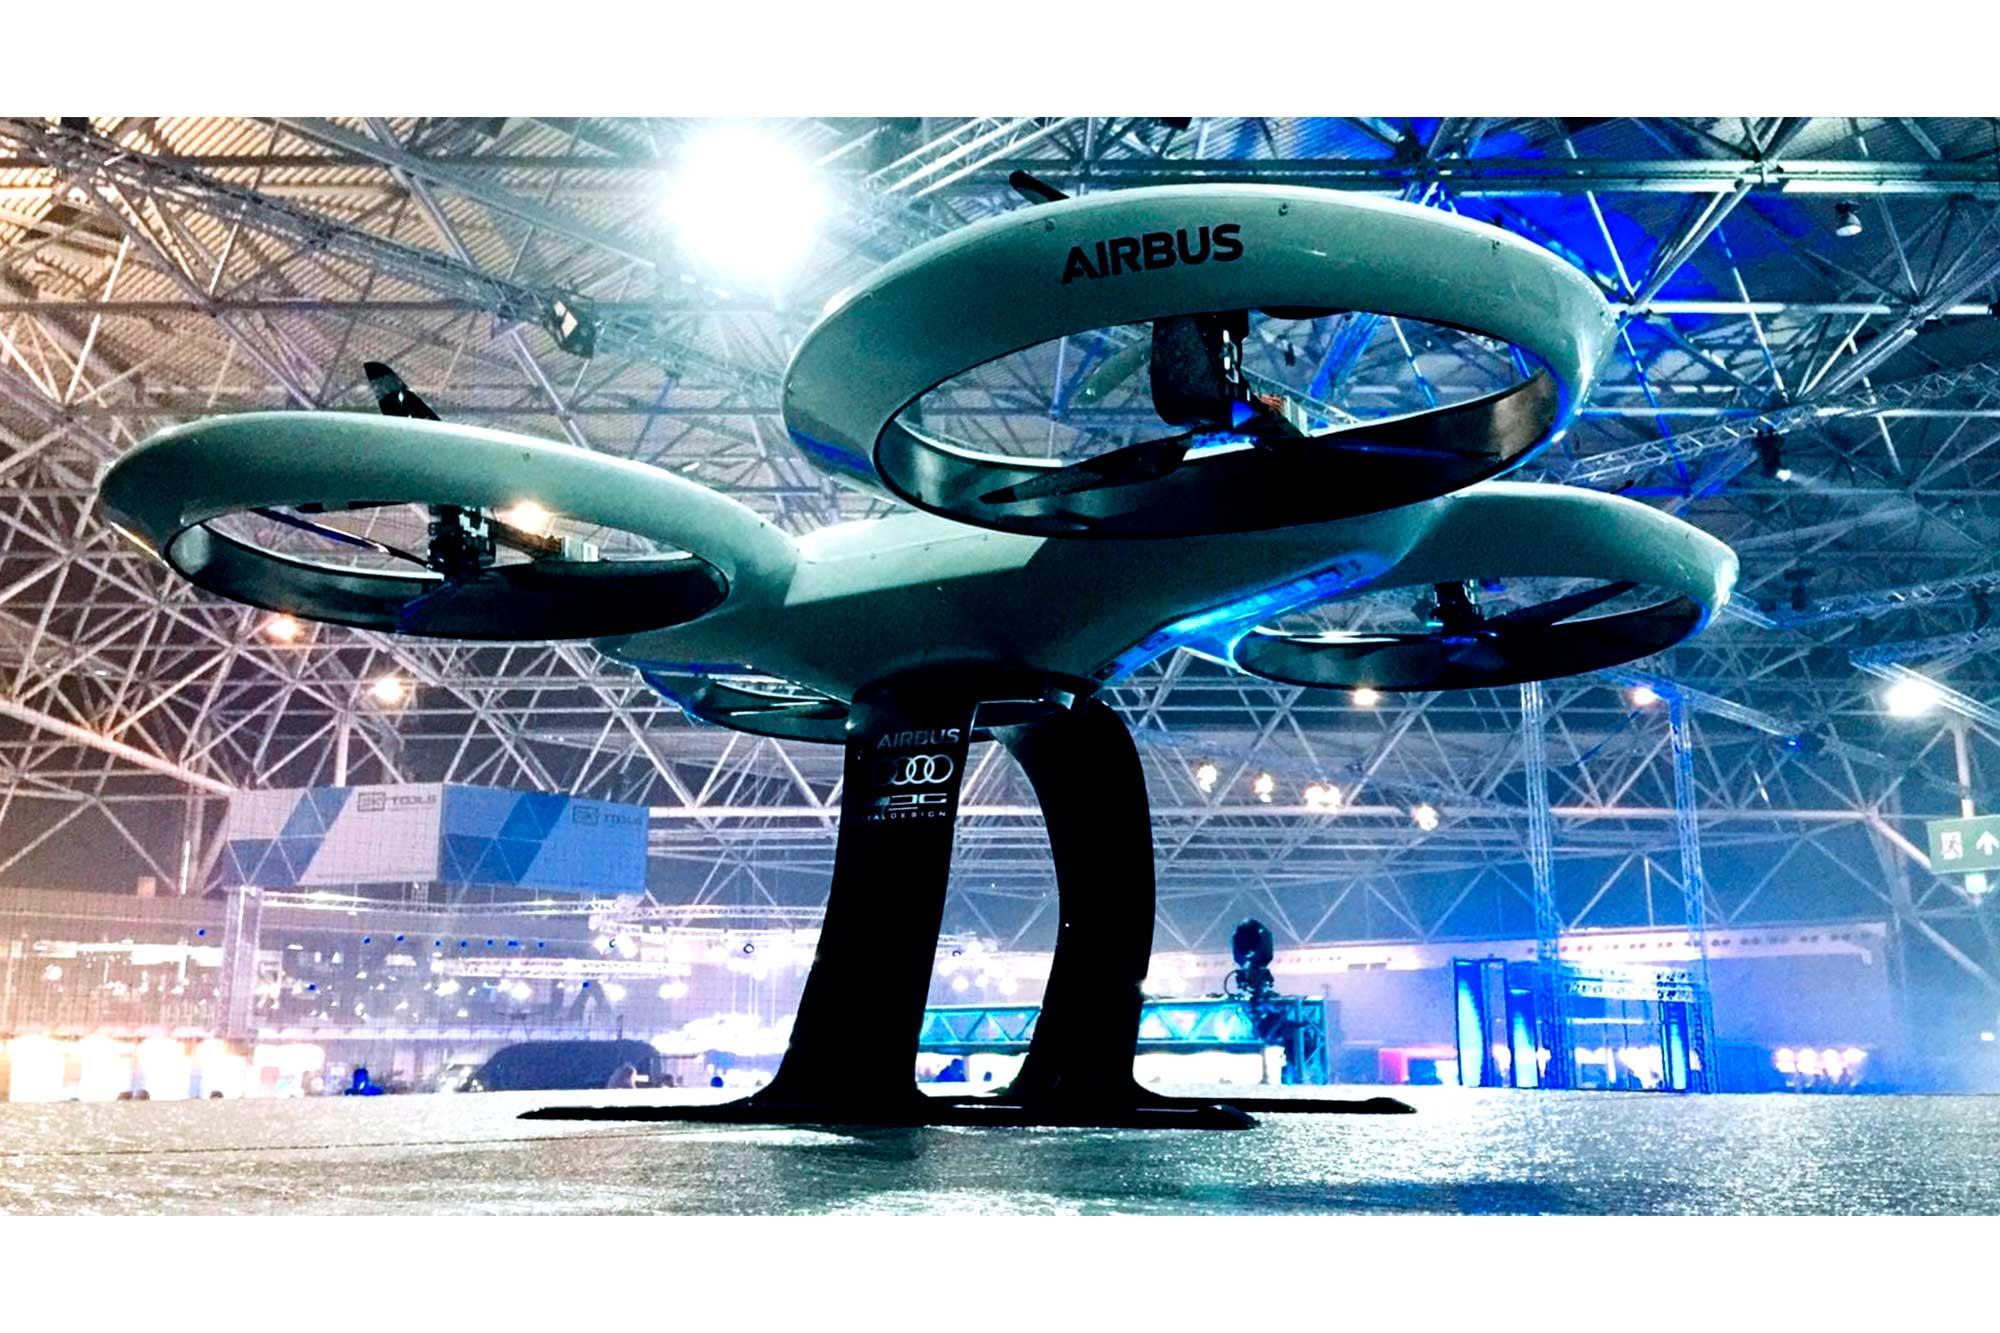 Dron-Airbus_-prototipo_-techlab-_-EXarchitects_05